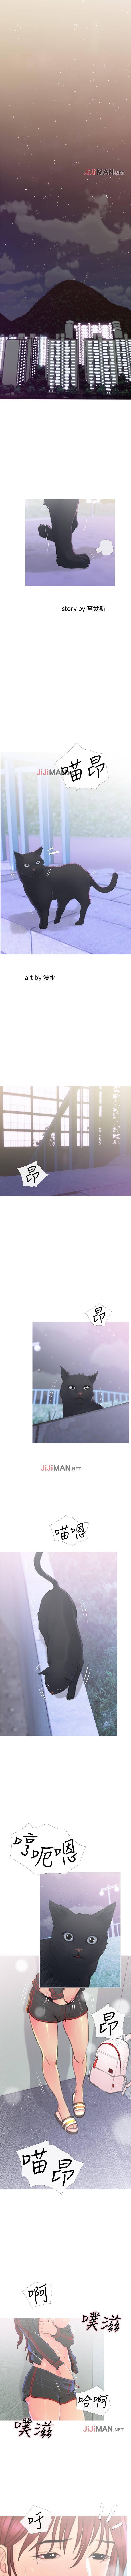 【周五连载】主妇危机(作者:查爾斯&漢水) 第1~26话 1